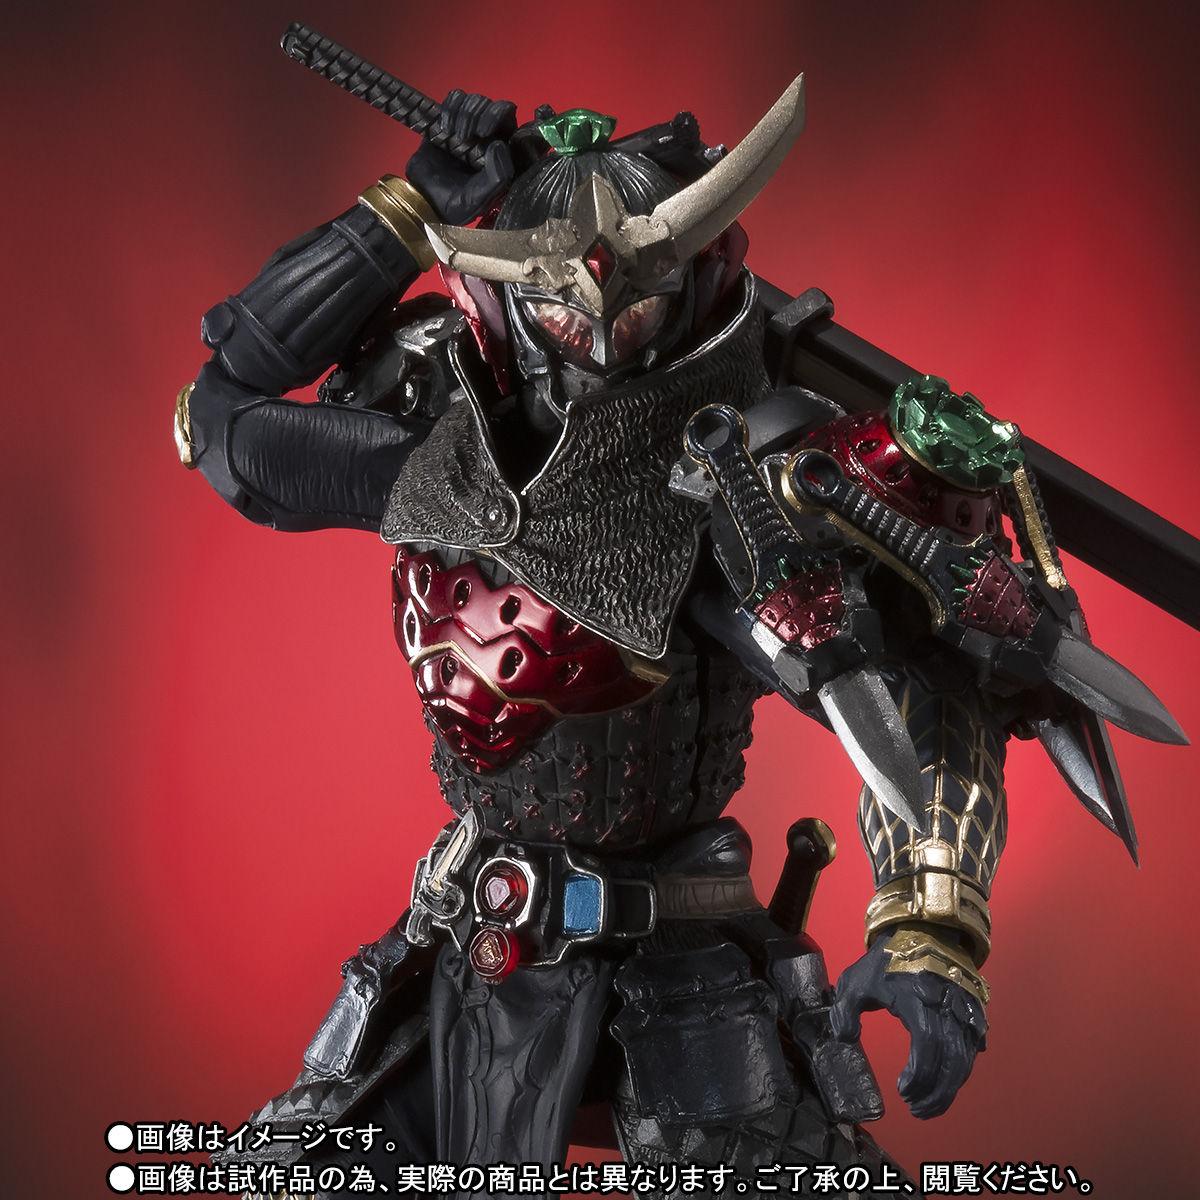 S.I.C. - Kamen Rider Gaim Ichigo Arms (Limited Pre-order)